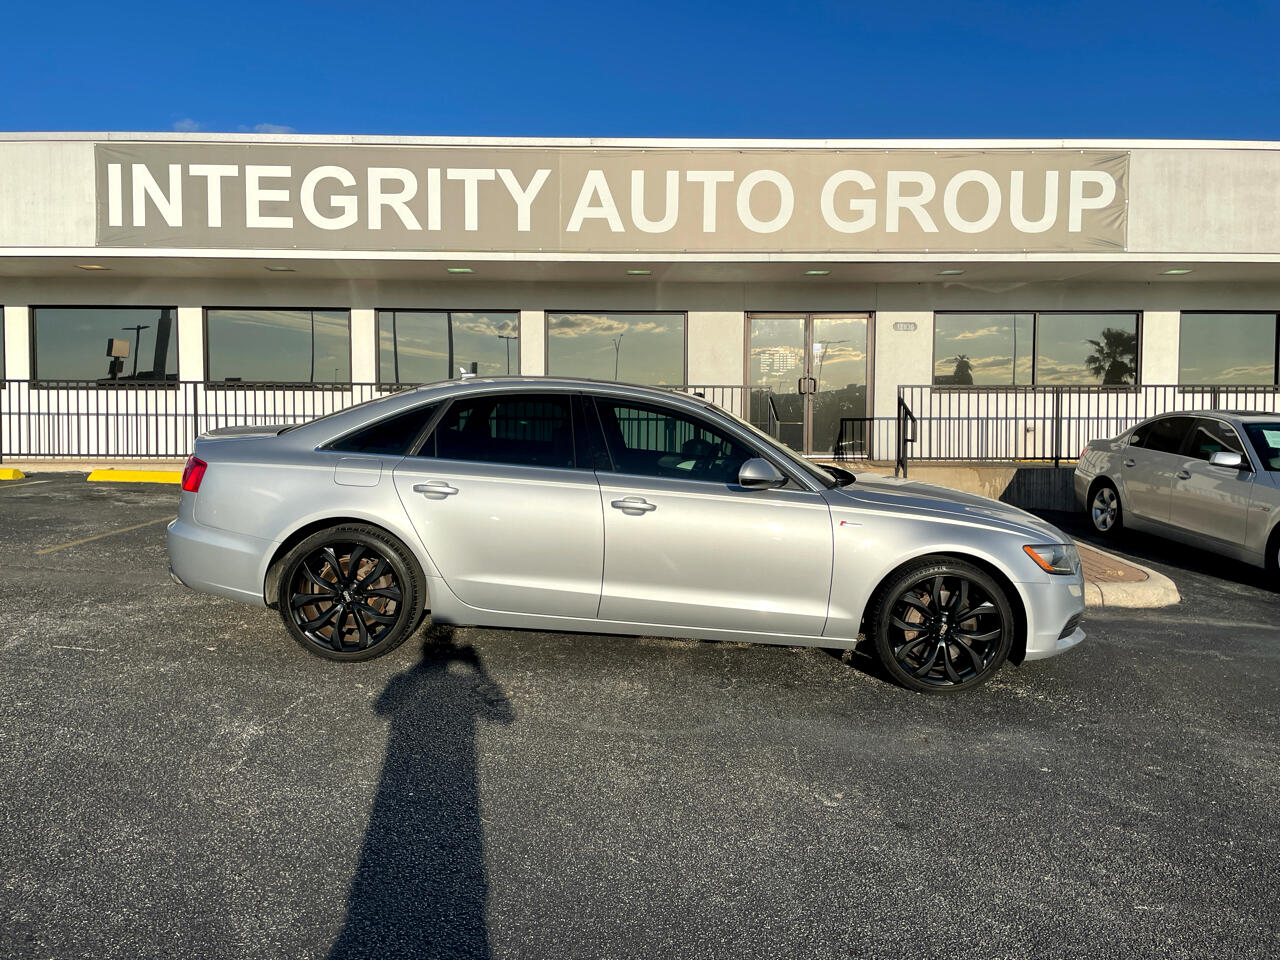 2013 Audi A6 4dr Sdn quattro 3.0T Premium Plus